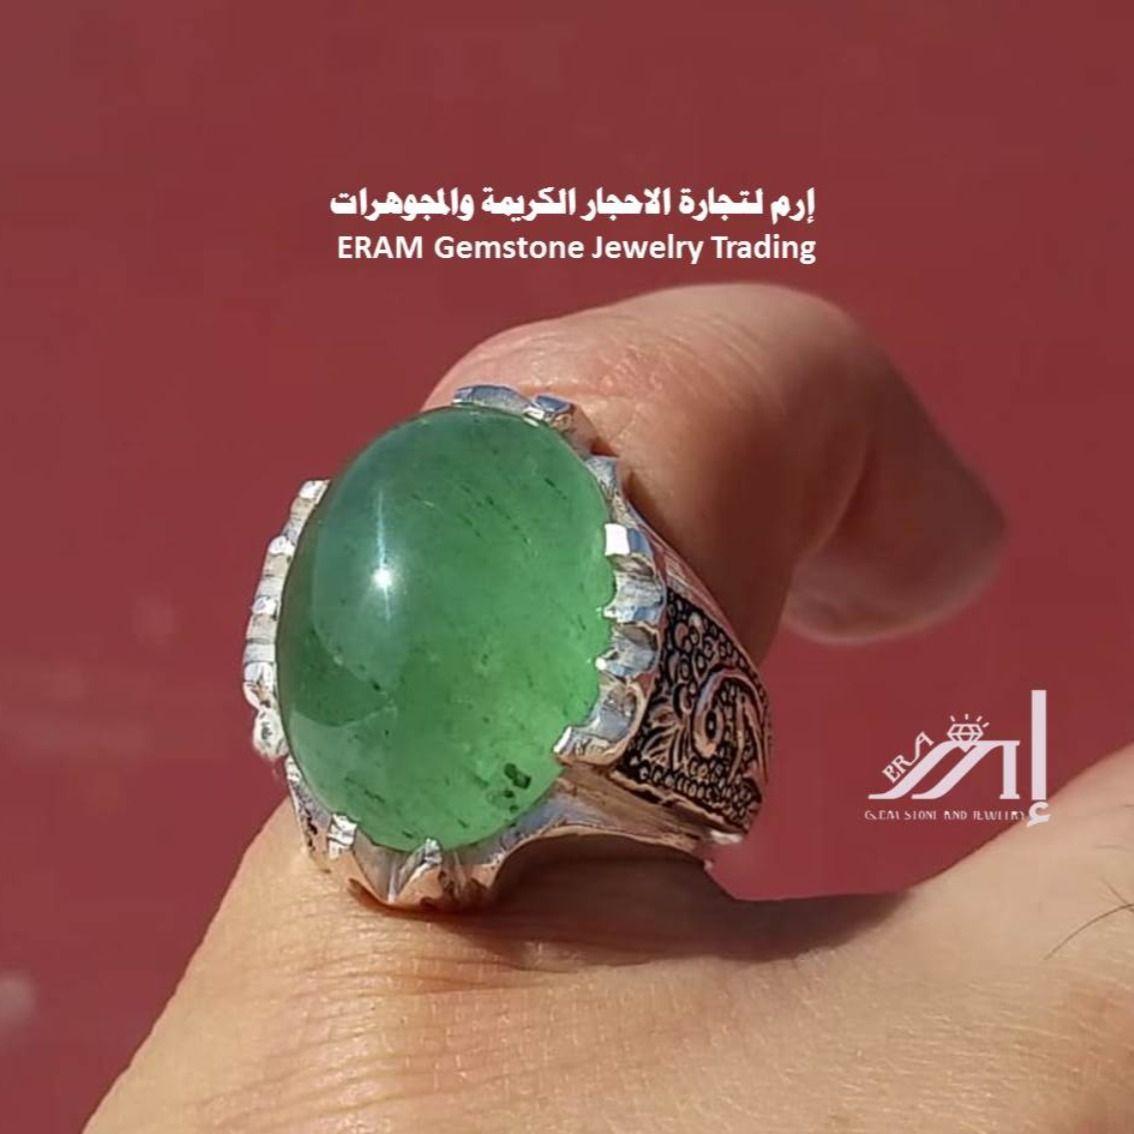 اروع جاد يمني خاتم من الجاد الشفاف الفاخرة مميز طبيعي100 Jade Gemstones Gemstone Jewelry Gemstone Rings